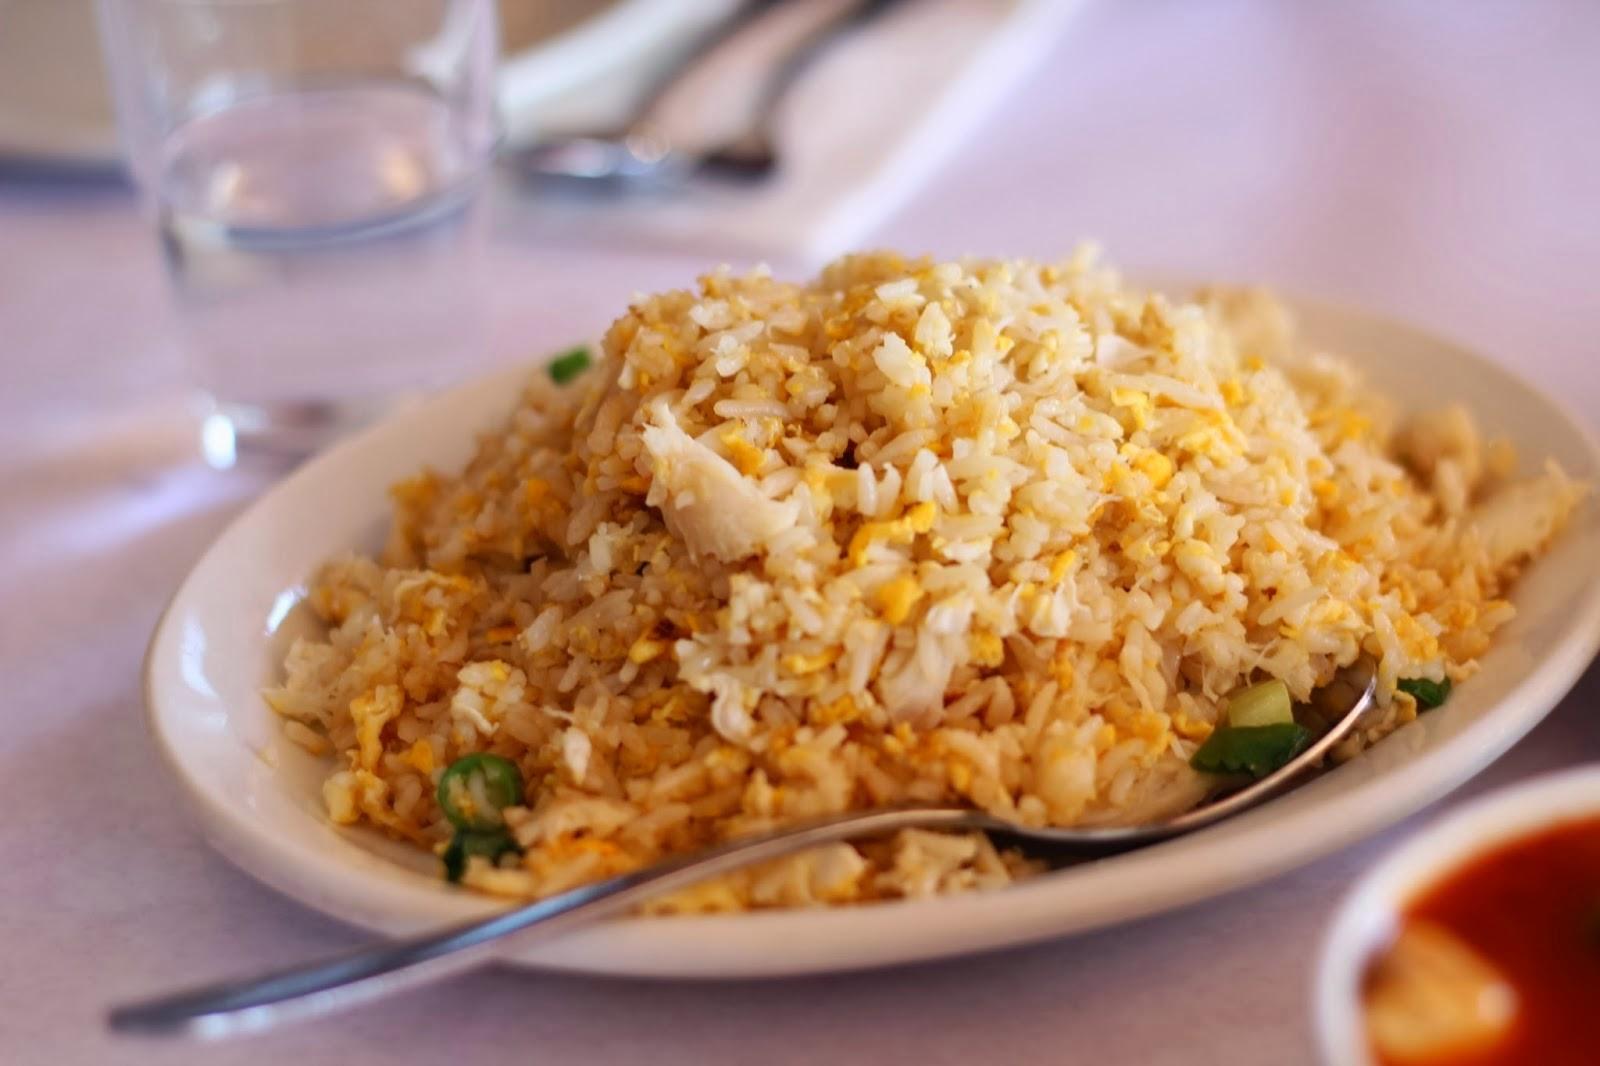 cara membuat nasi goreng biasa